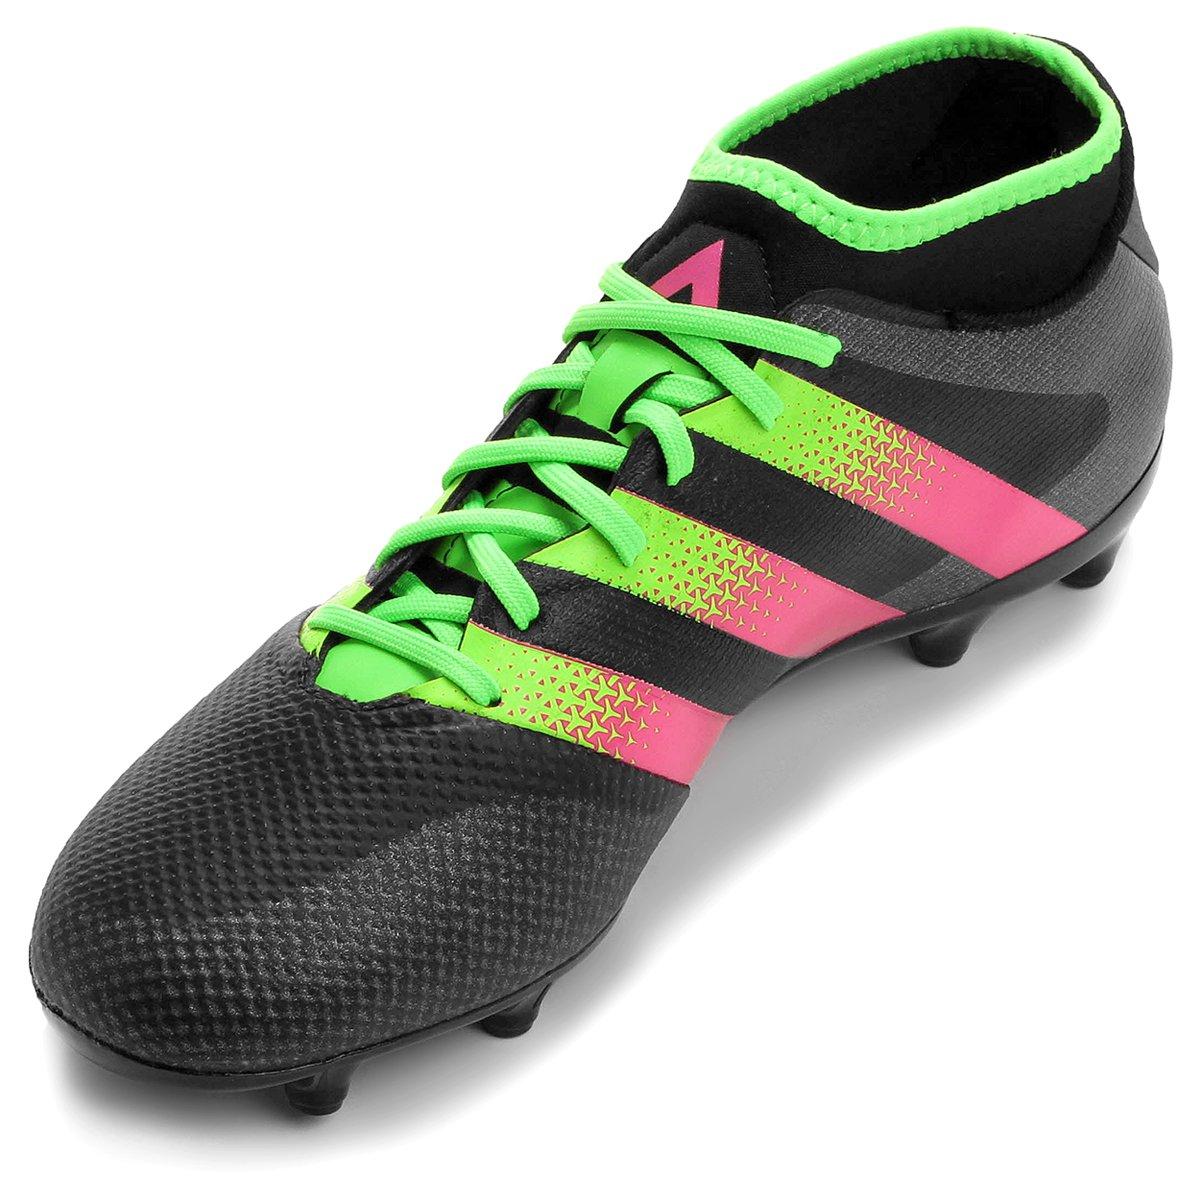 Chuteira Campo Adidas Ace 16.3 Primemesh FG - Compre Agora  d33d5a0d0f7ff